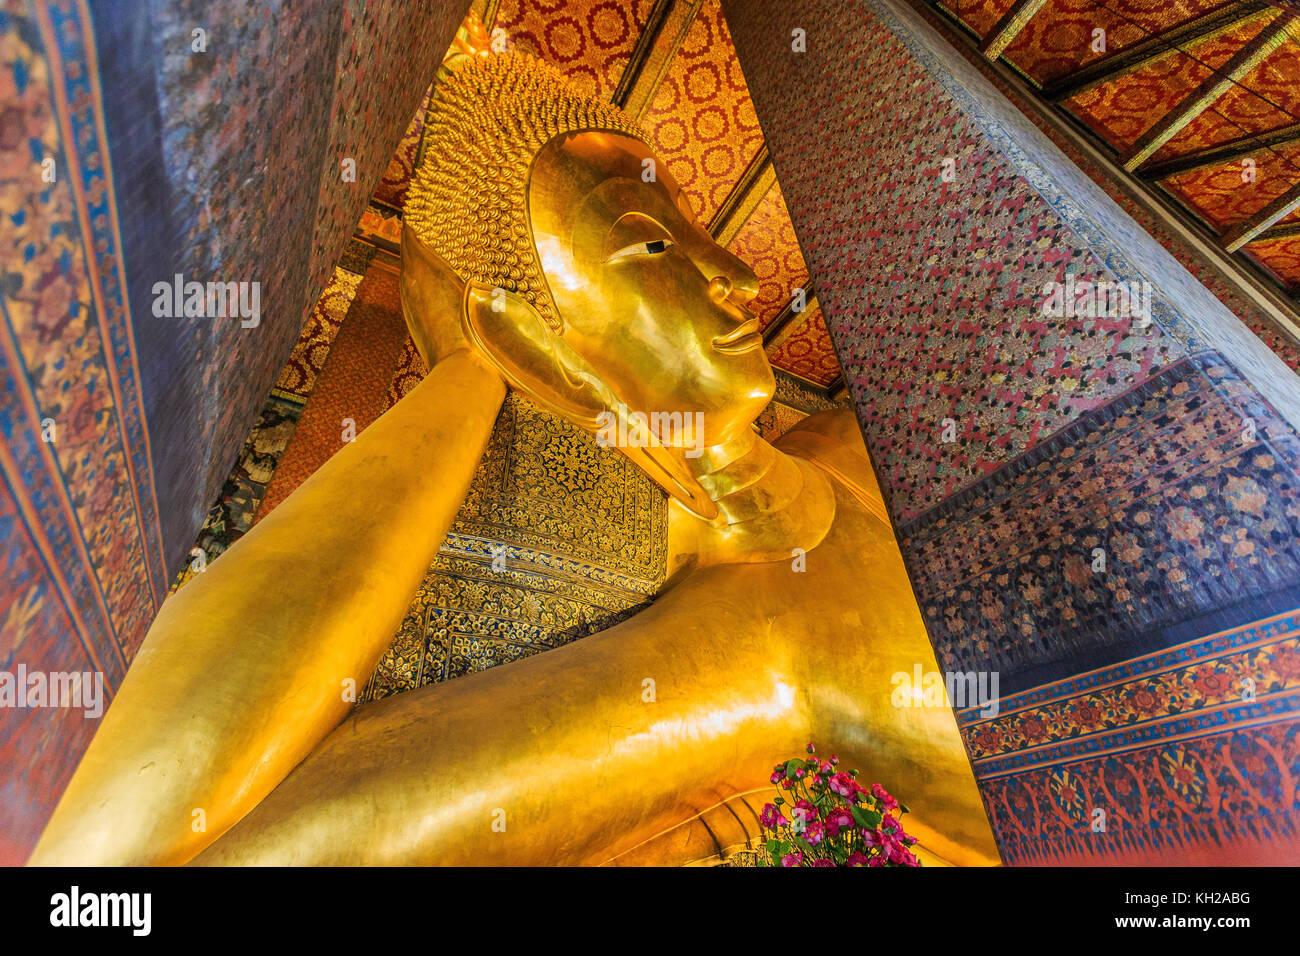 Bangkok, Tailandia. Buda reclinado, estatua de oro en el templo Wat Pho. Imagen De Stock